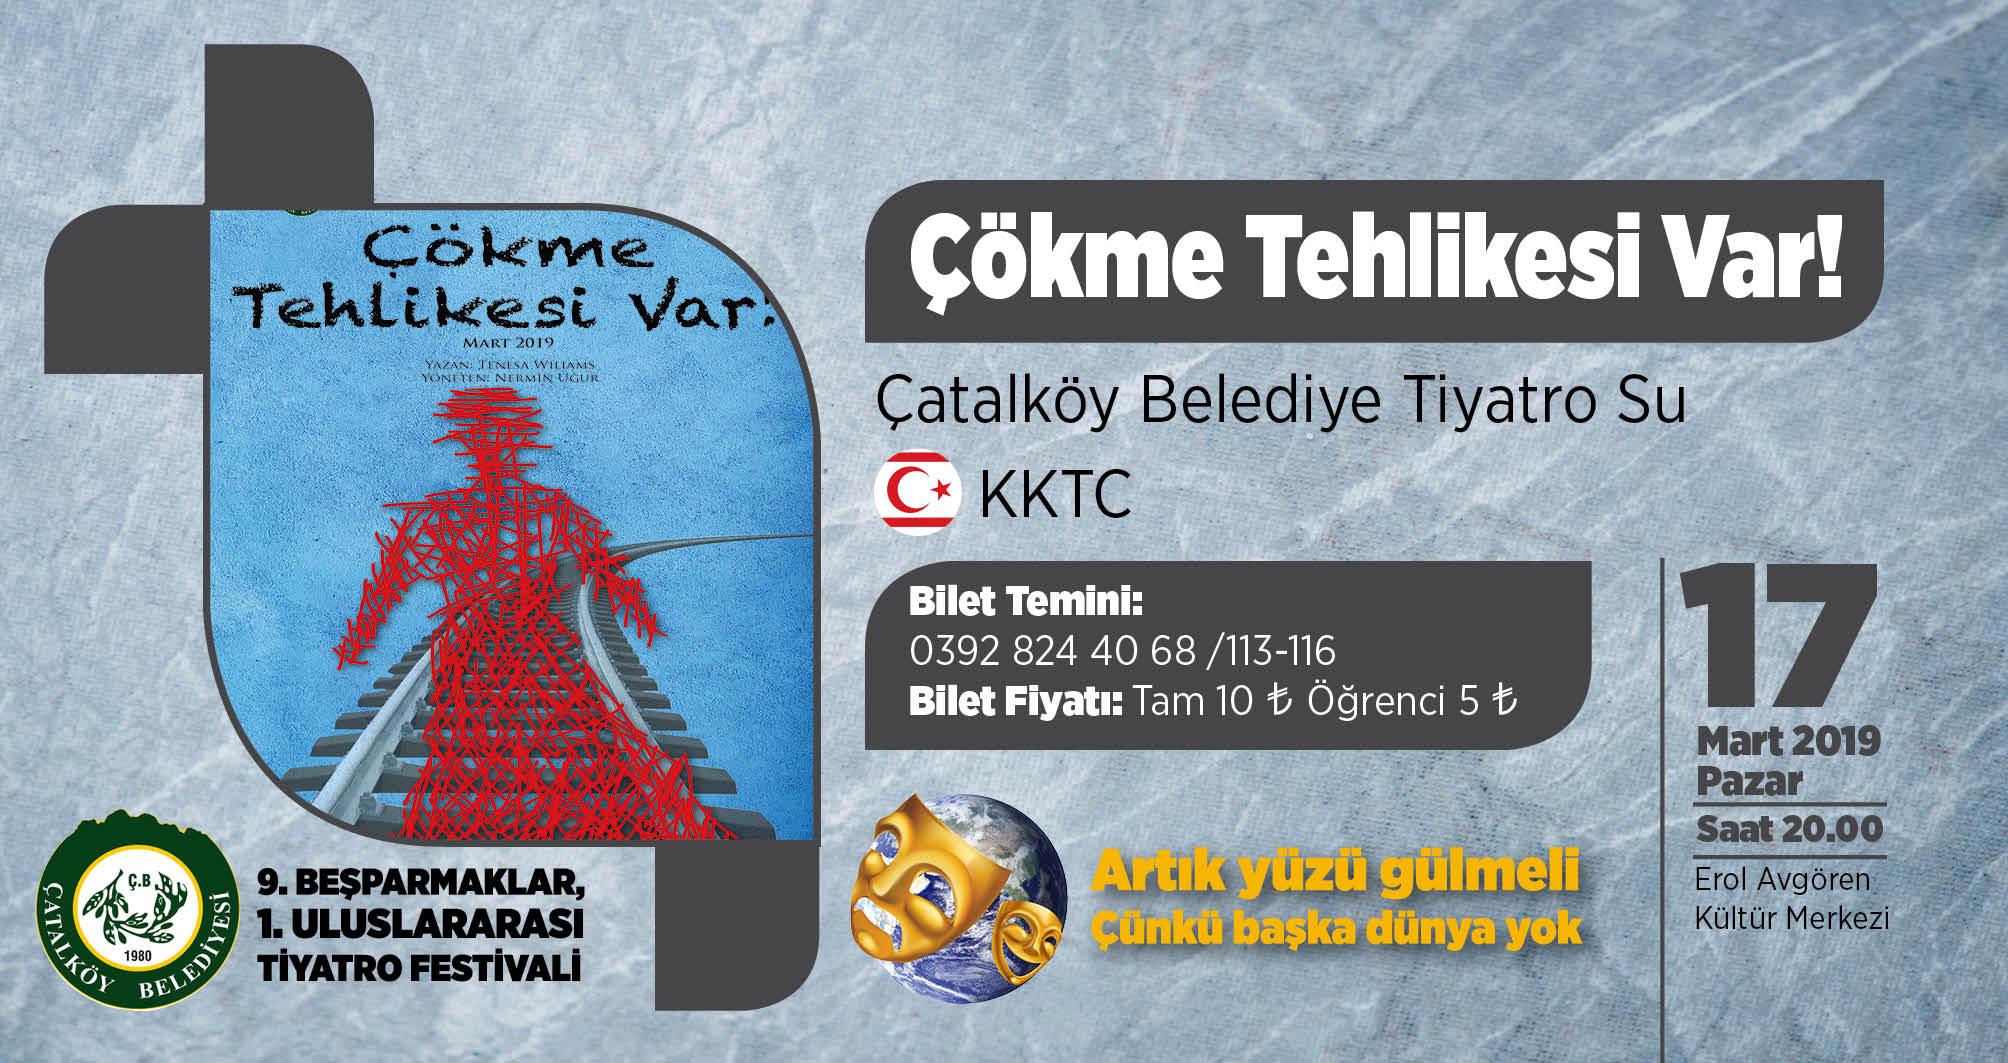 Çatalköy'de 'Çökme Tehlikesi Var!'